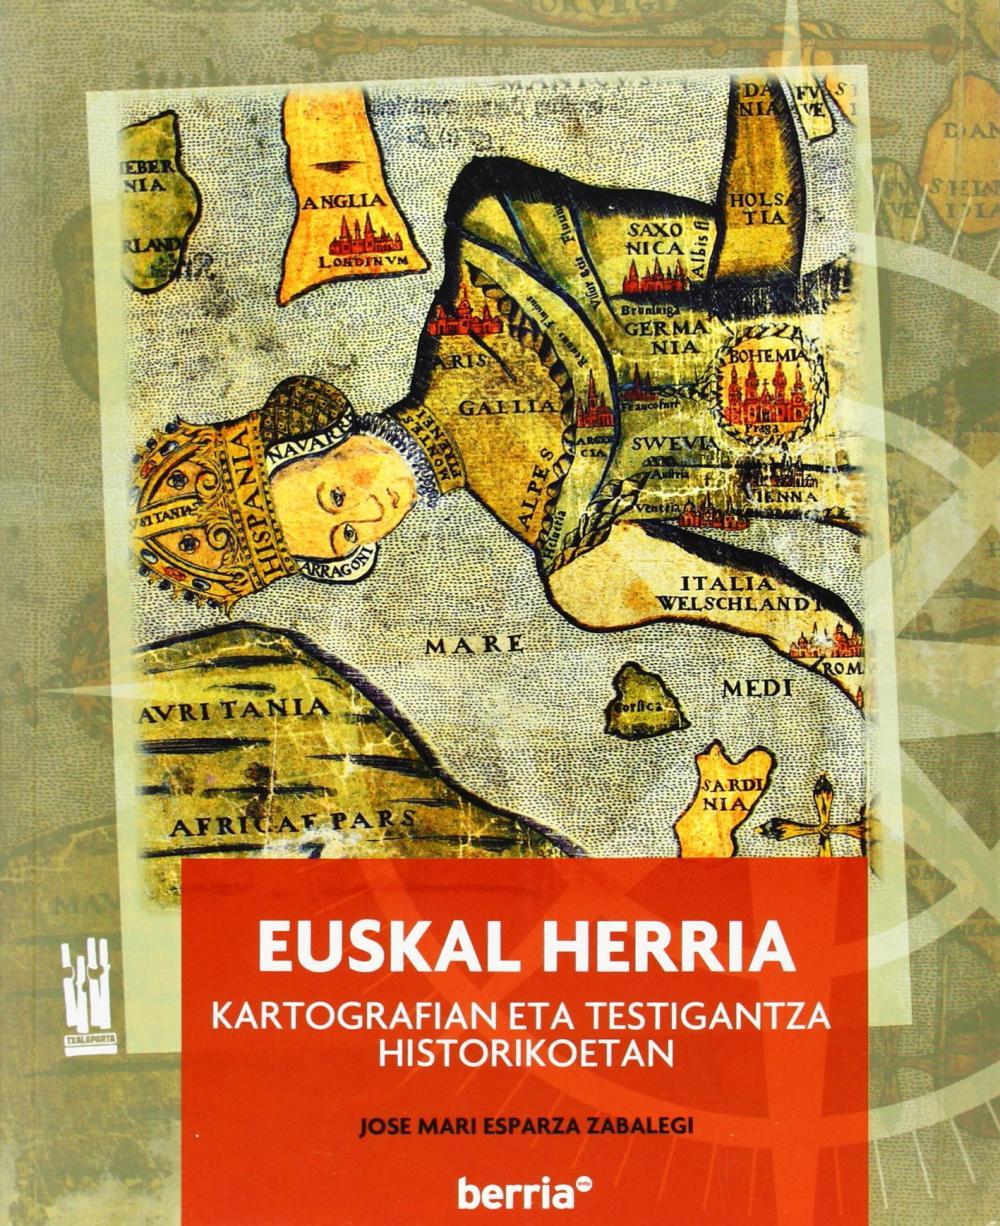 EUSKAL HERRIA KARTOGRAFIAN ETA TESTIGANTZA HISTORIKOETAN